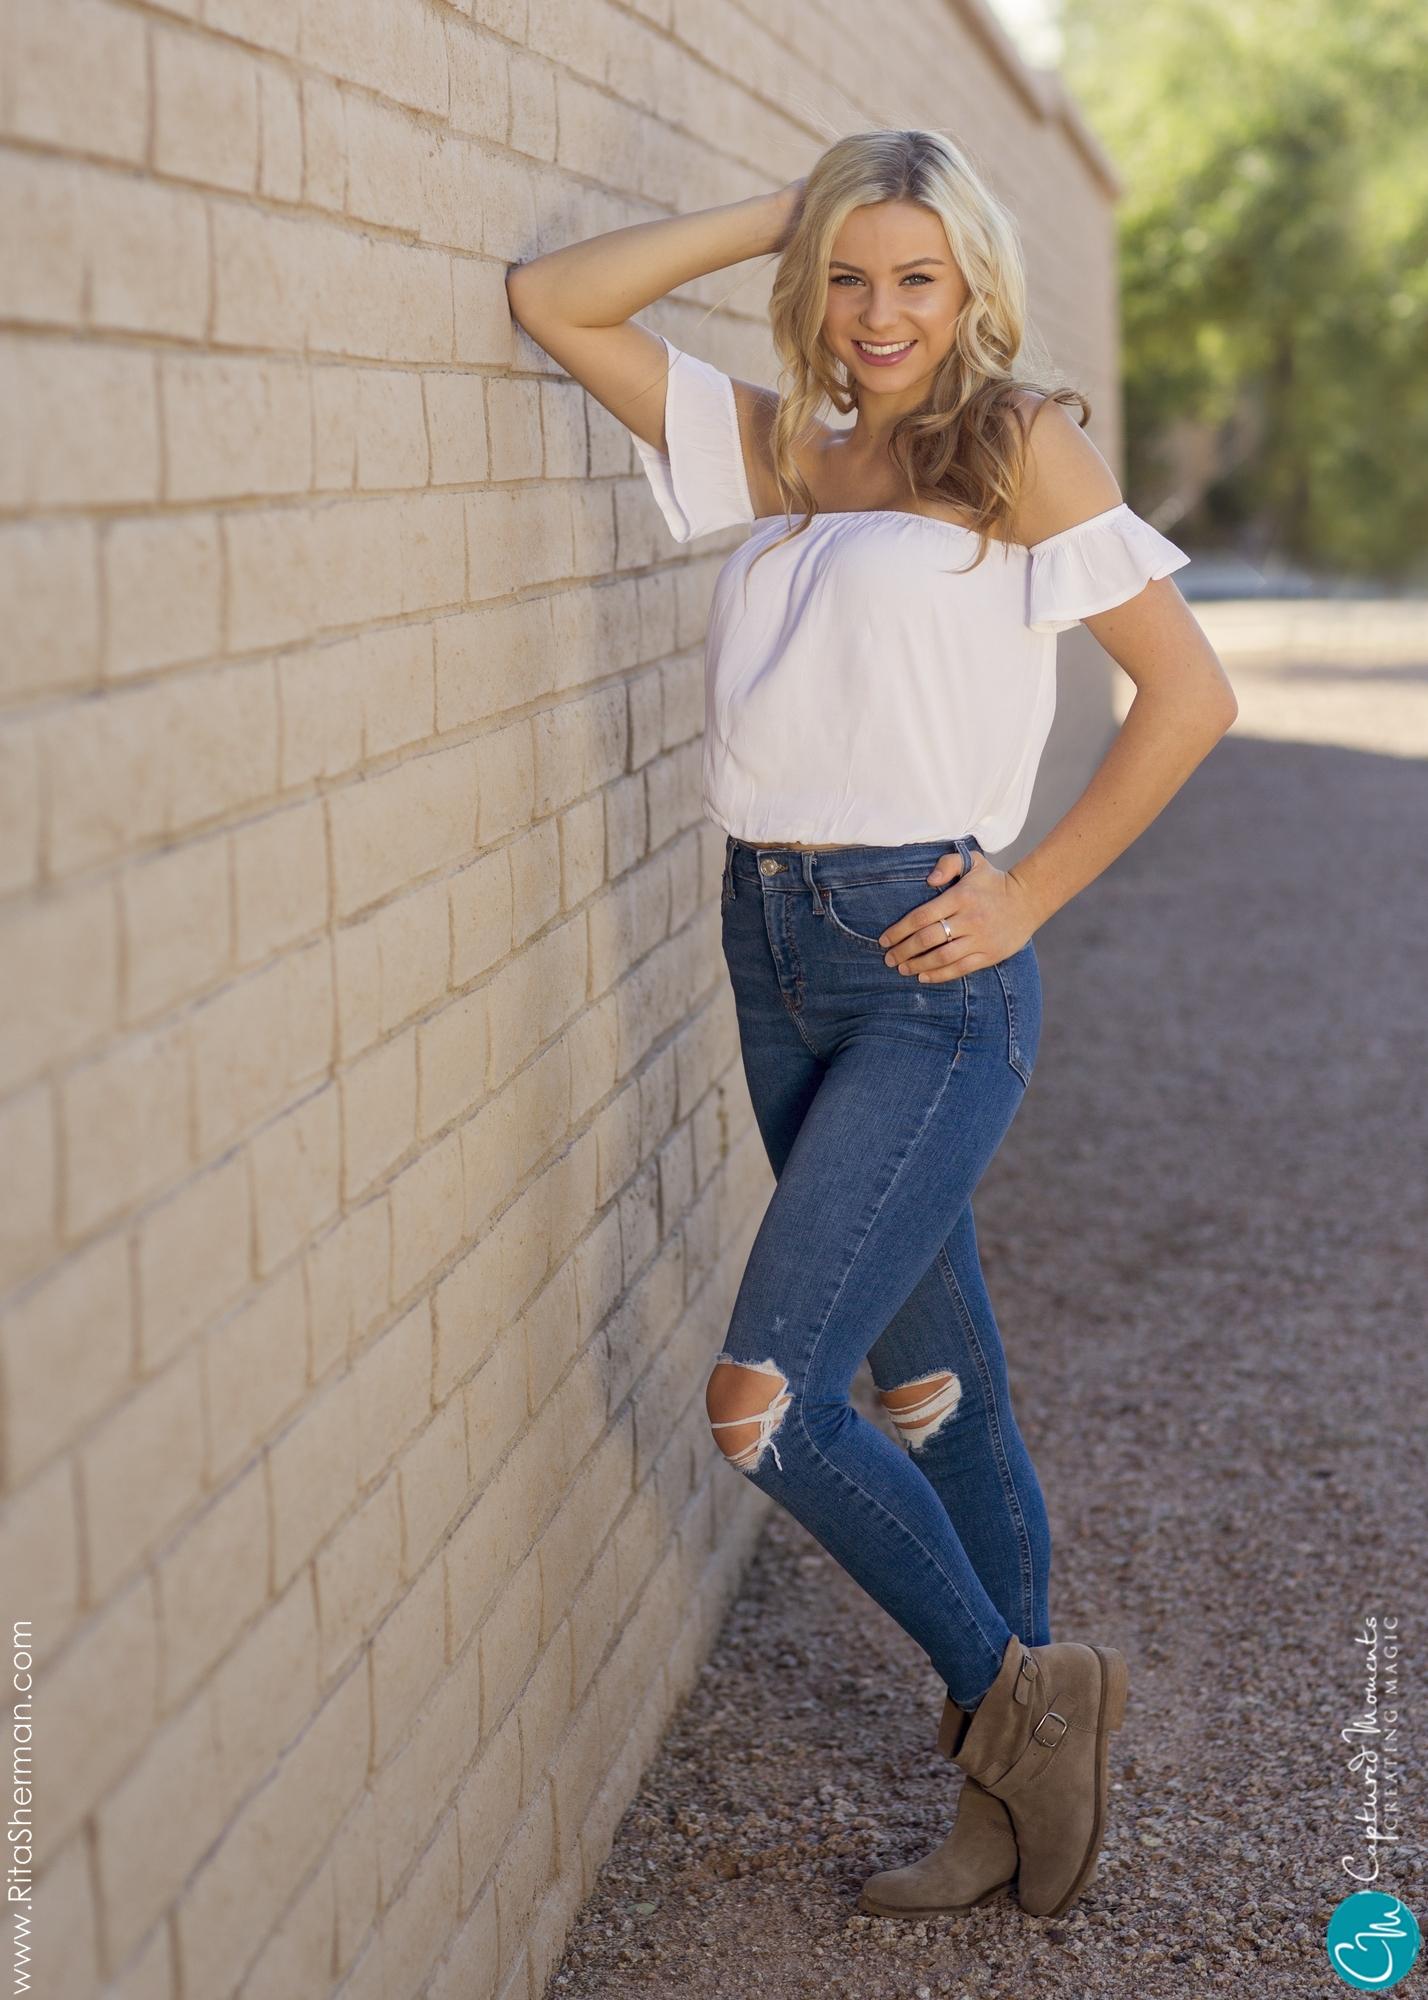 Scottsdale-Portraits-Senior--scottsdale-photographerCaptured-Moments104.jpg